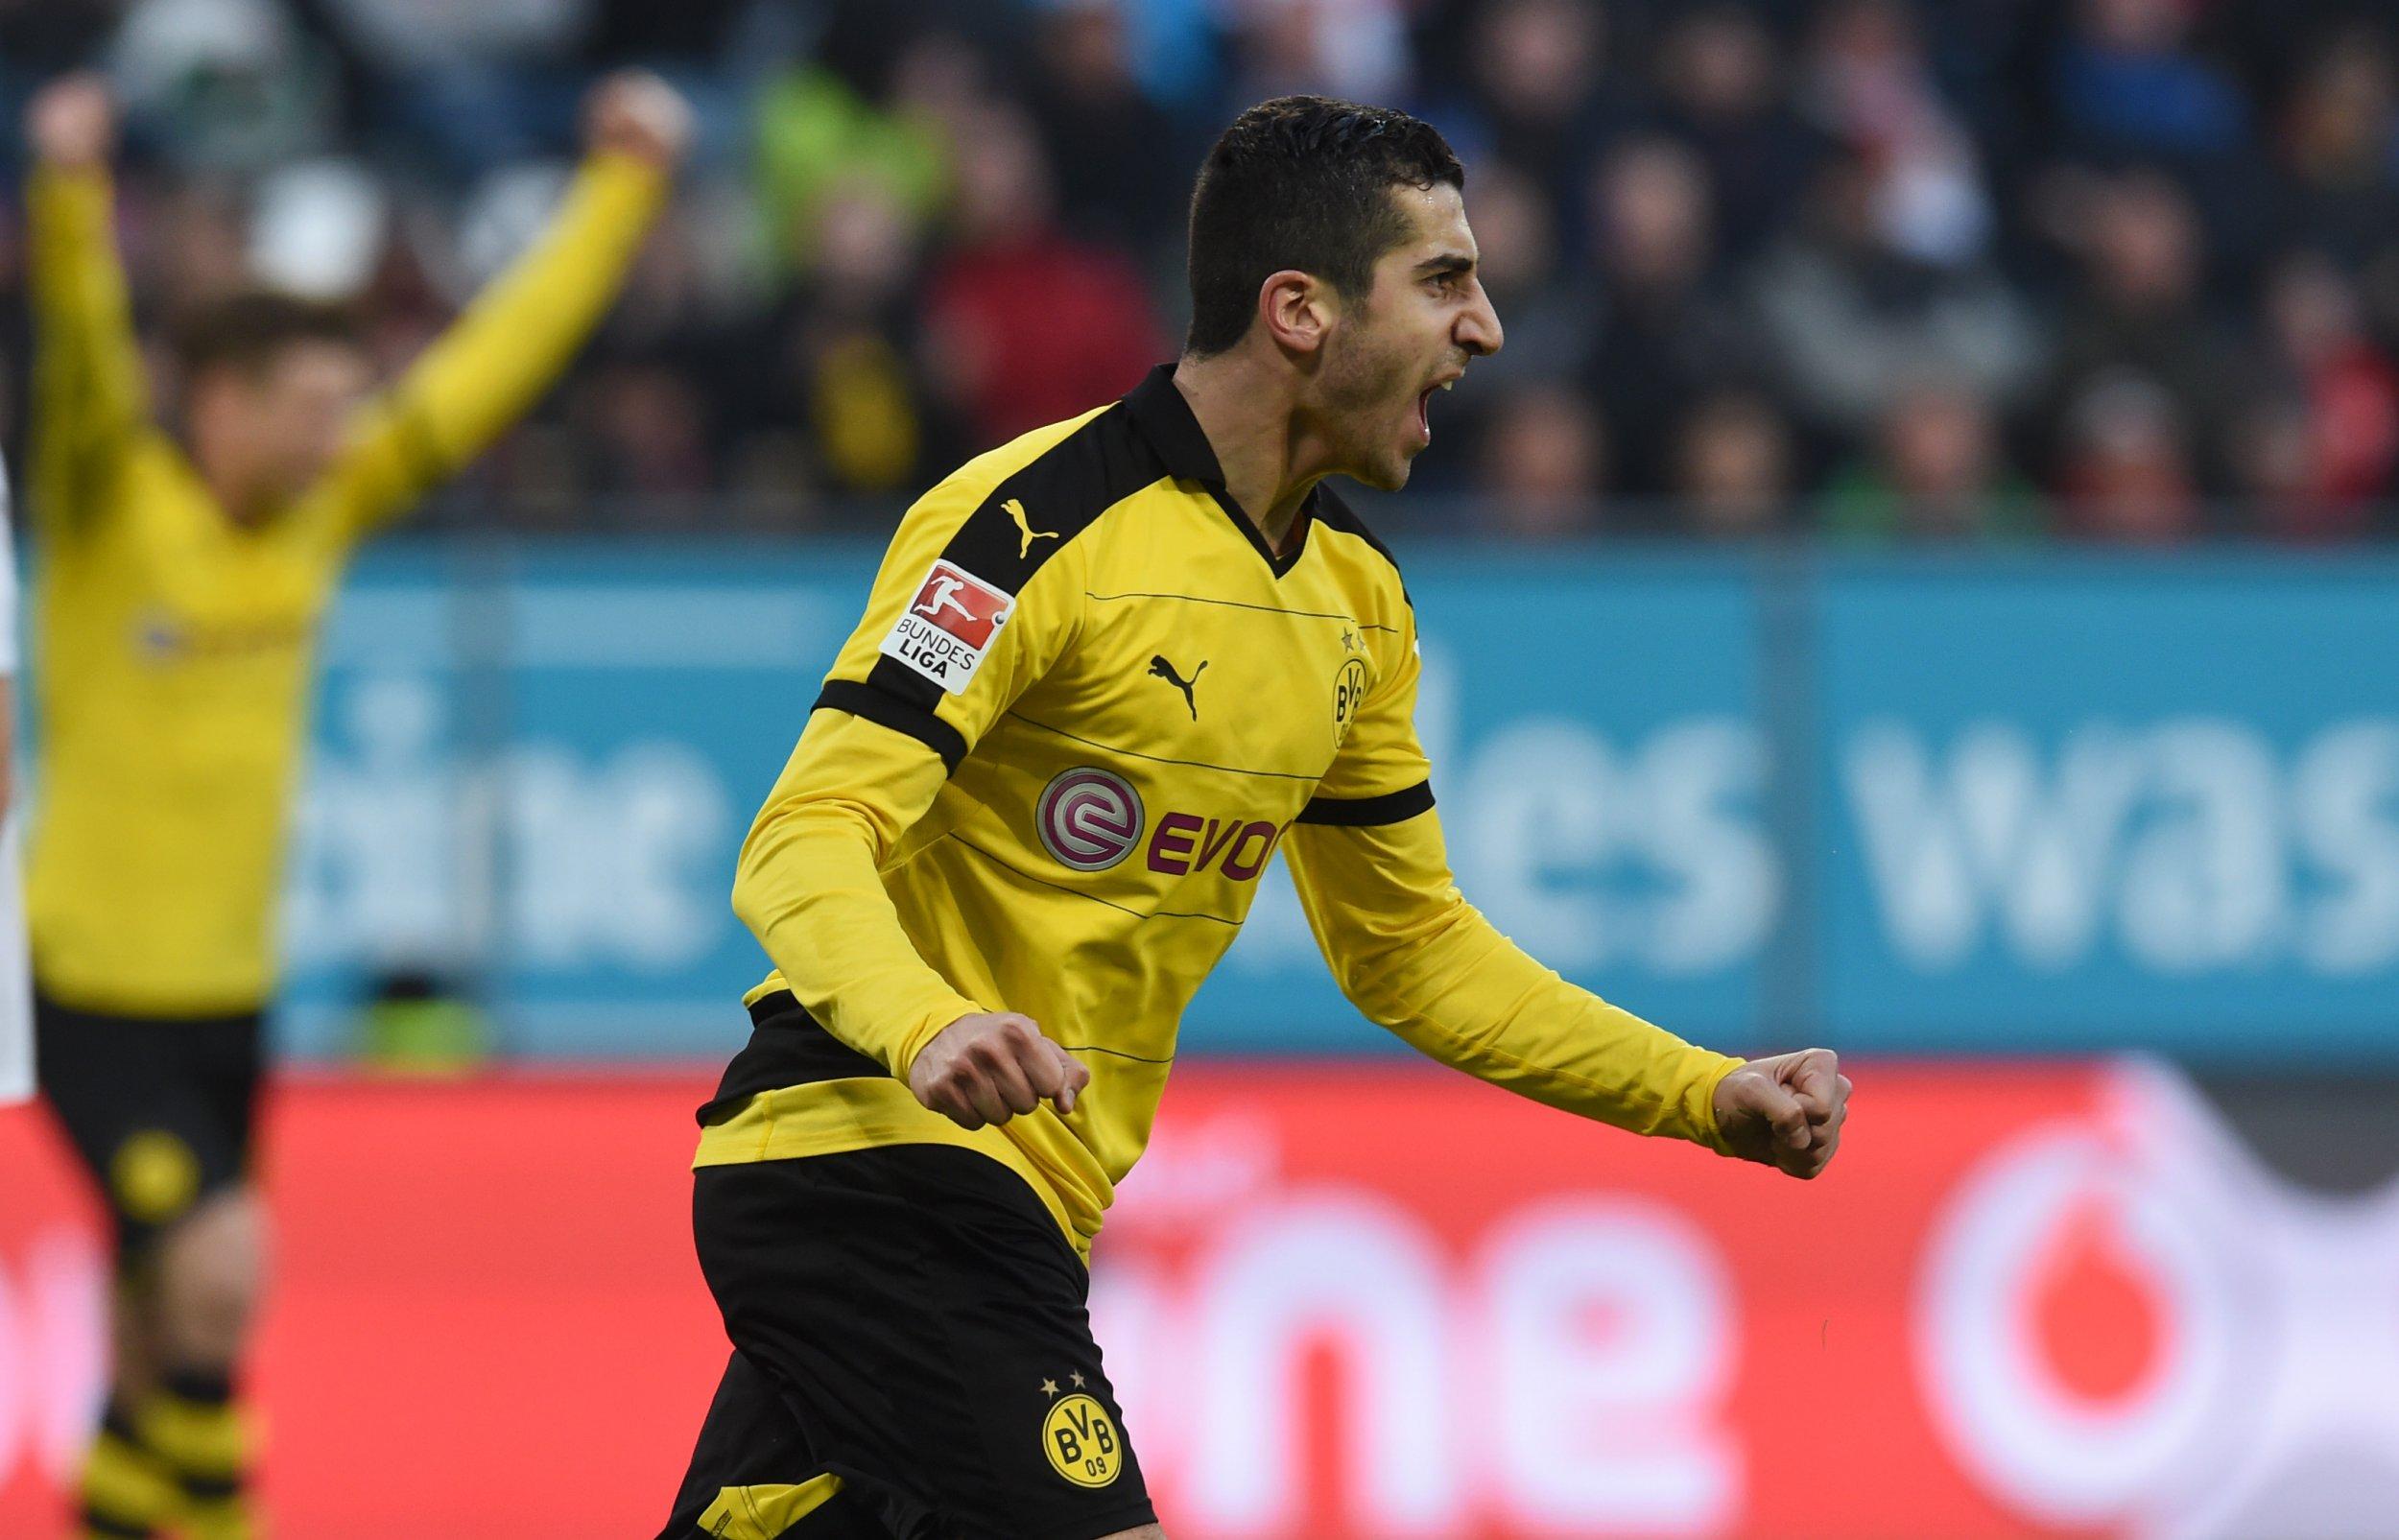 Borussia Dortmund midfielder Henrikh Mkhitaryan.